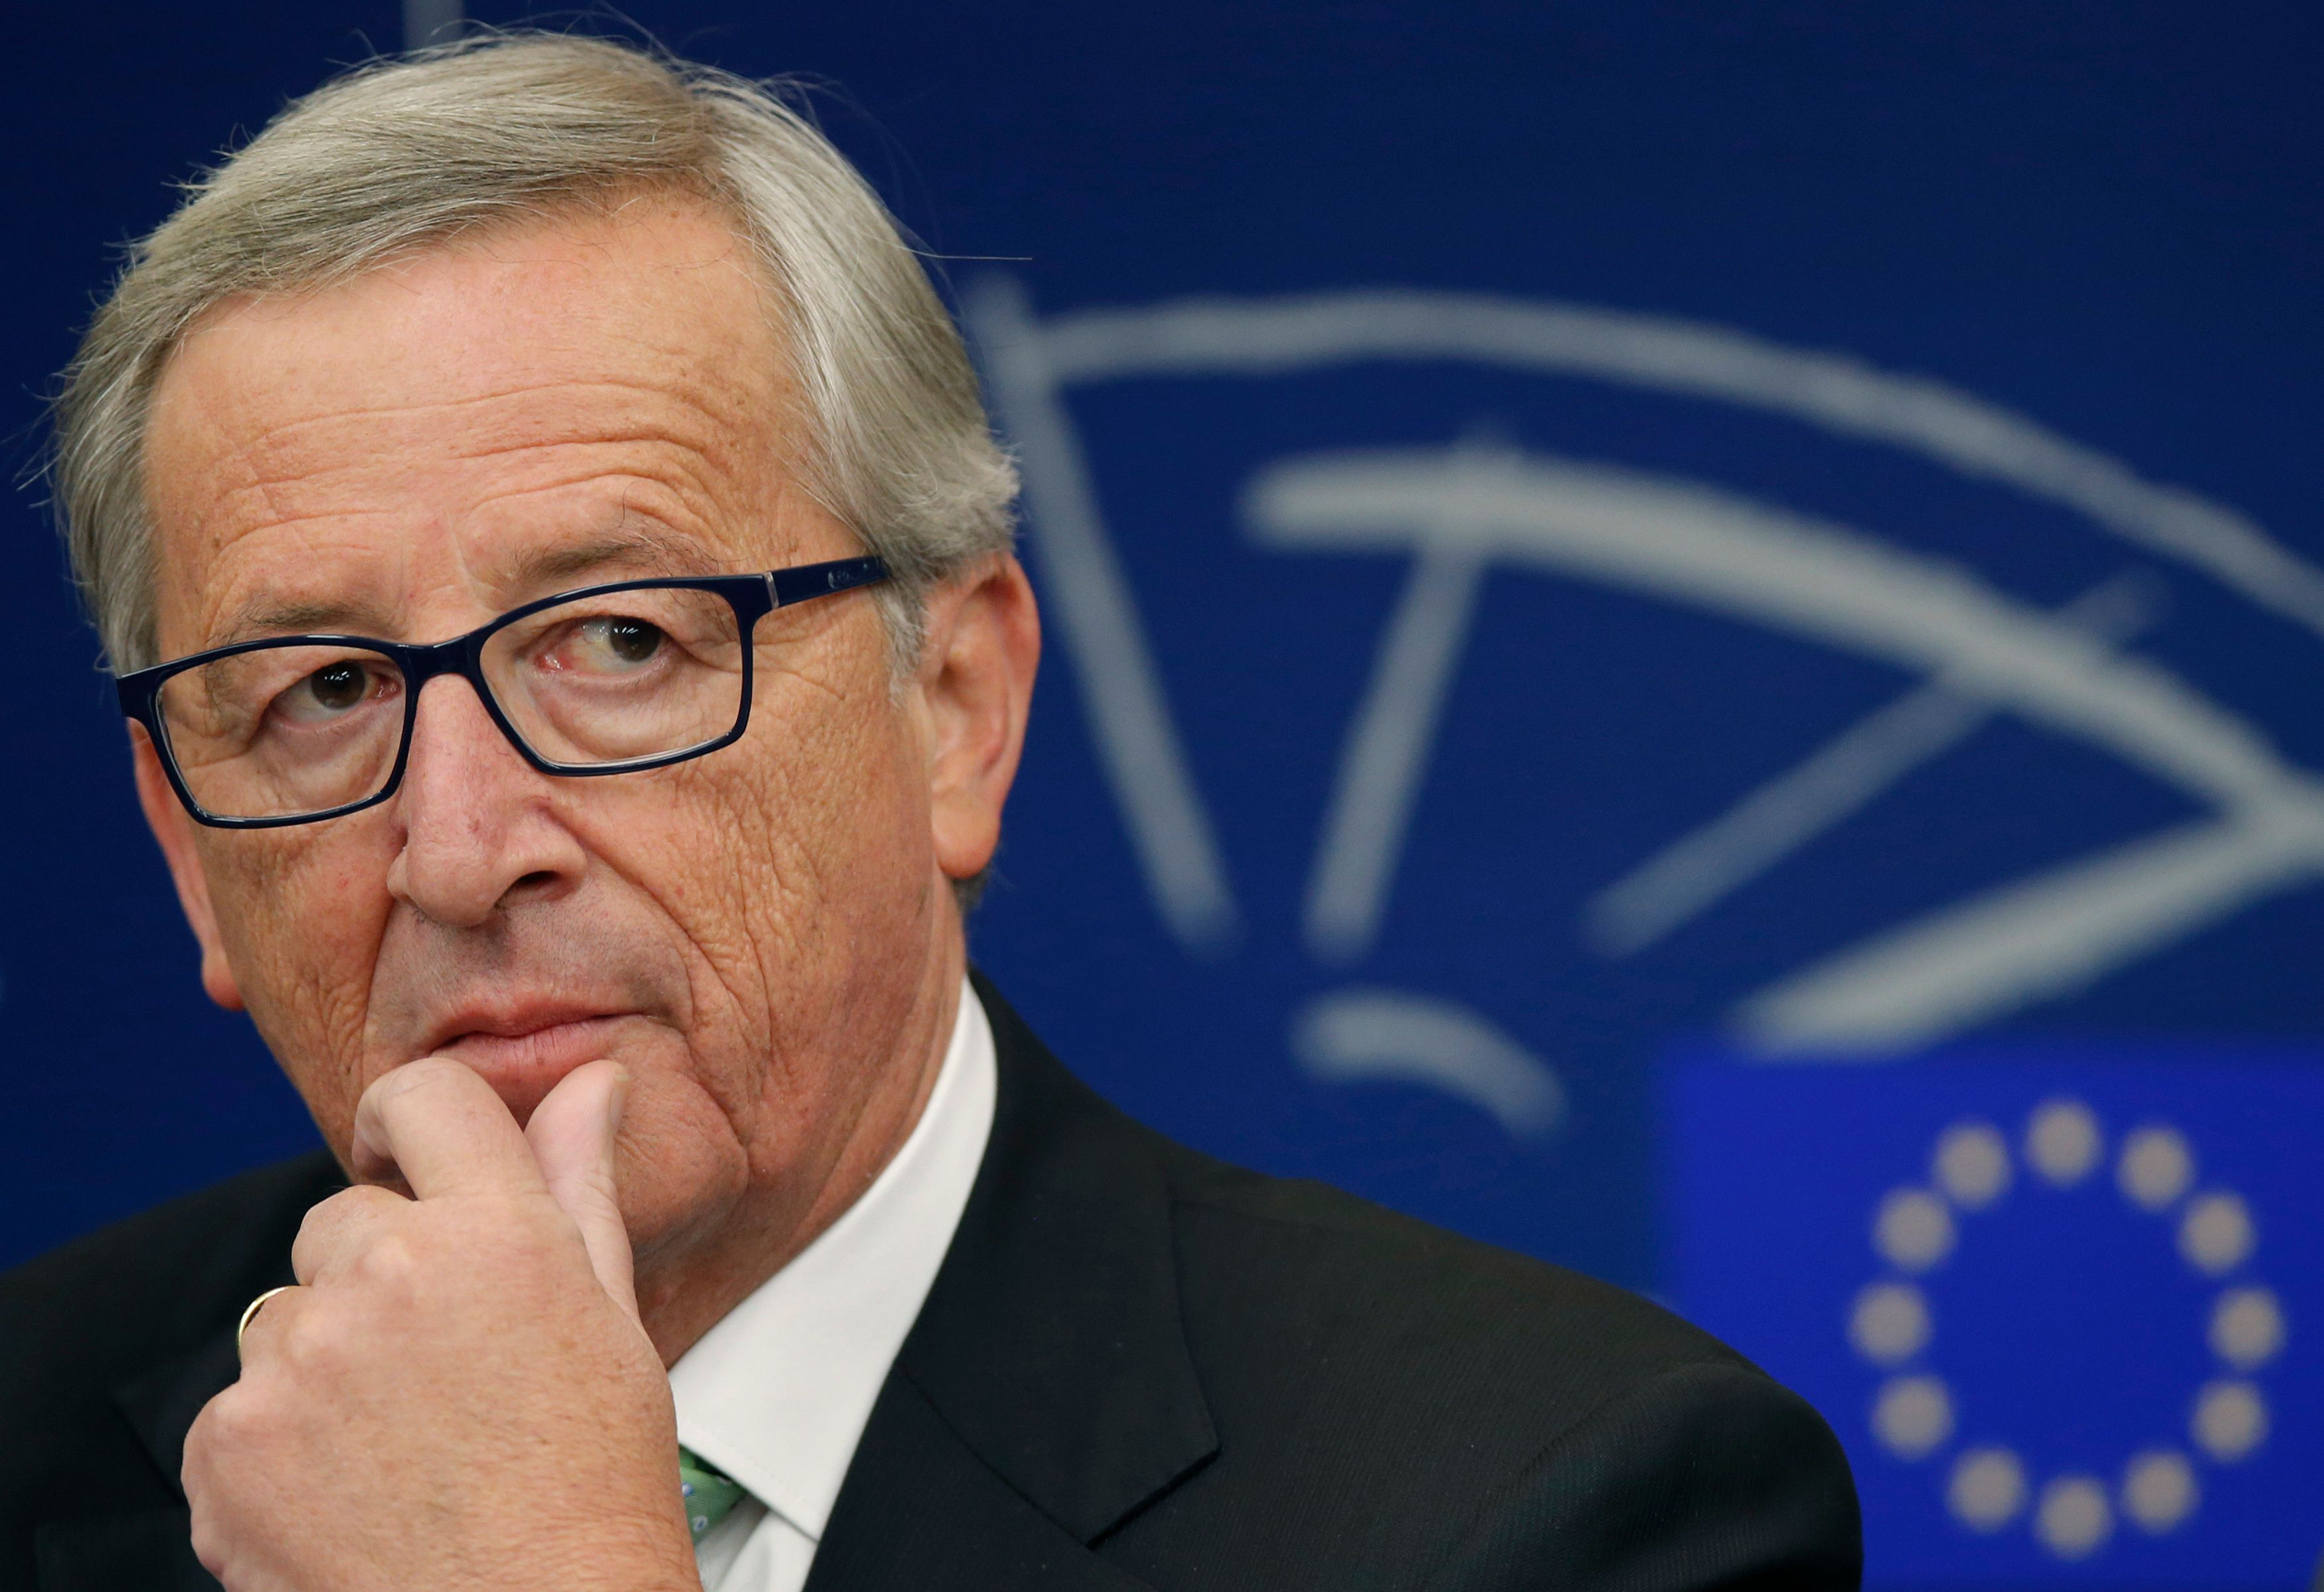 Bruxelles : le lobby bancaire reprend la Commission européenne en main face à un Juncker affaibli